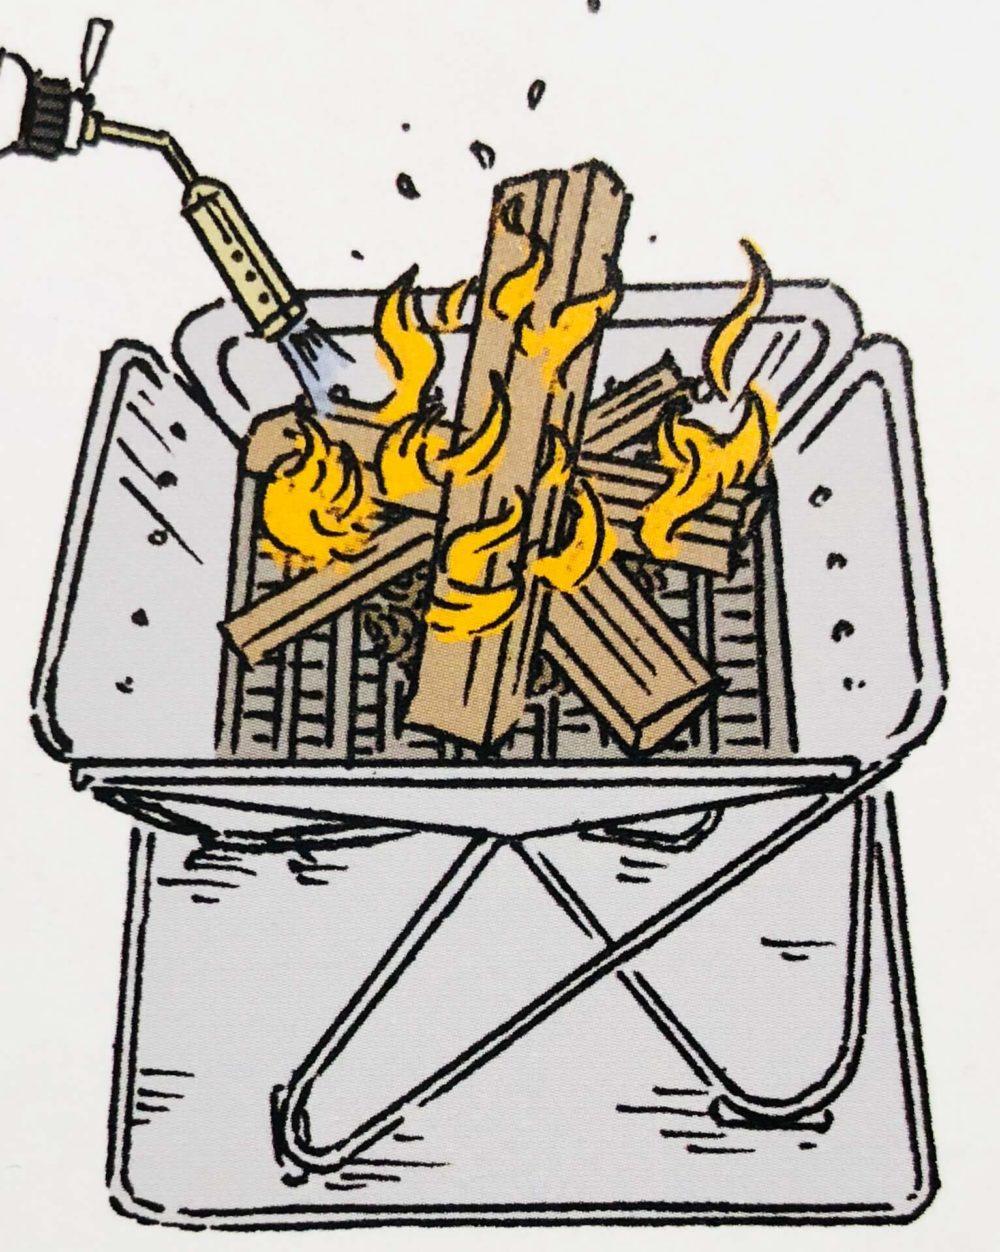 焚き火のやり方の説明4